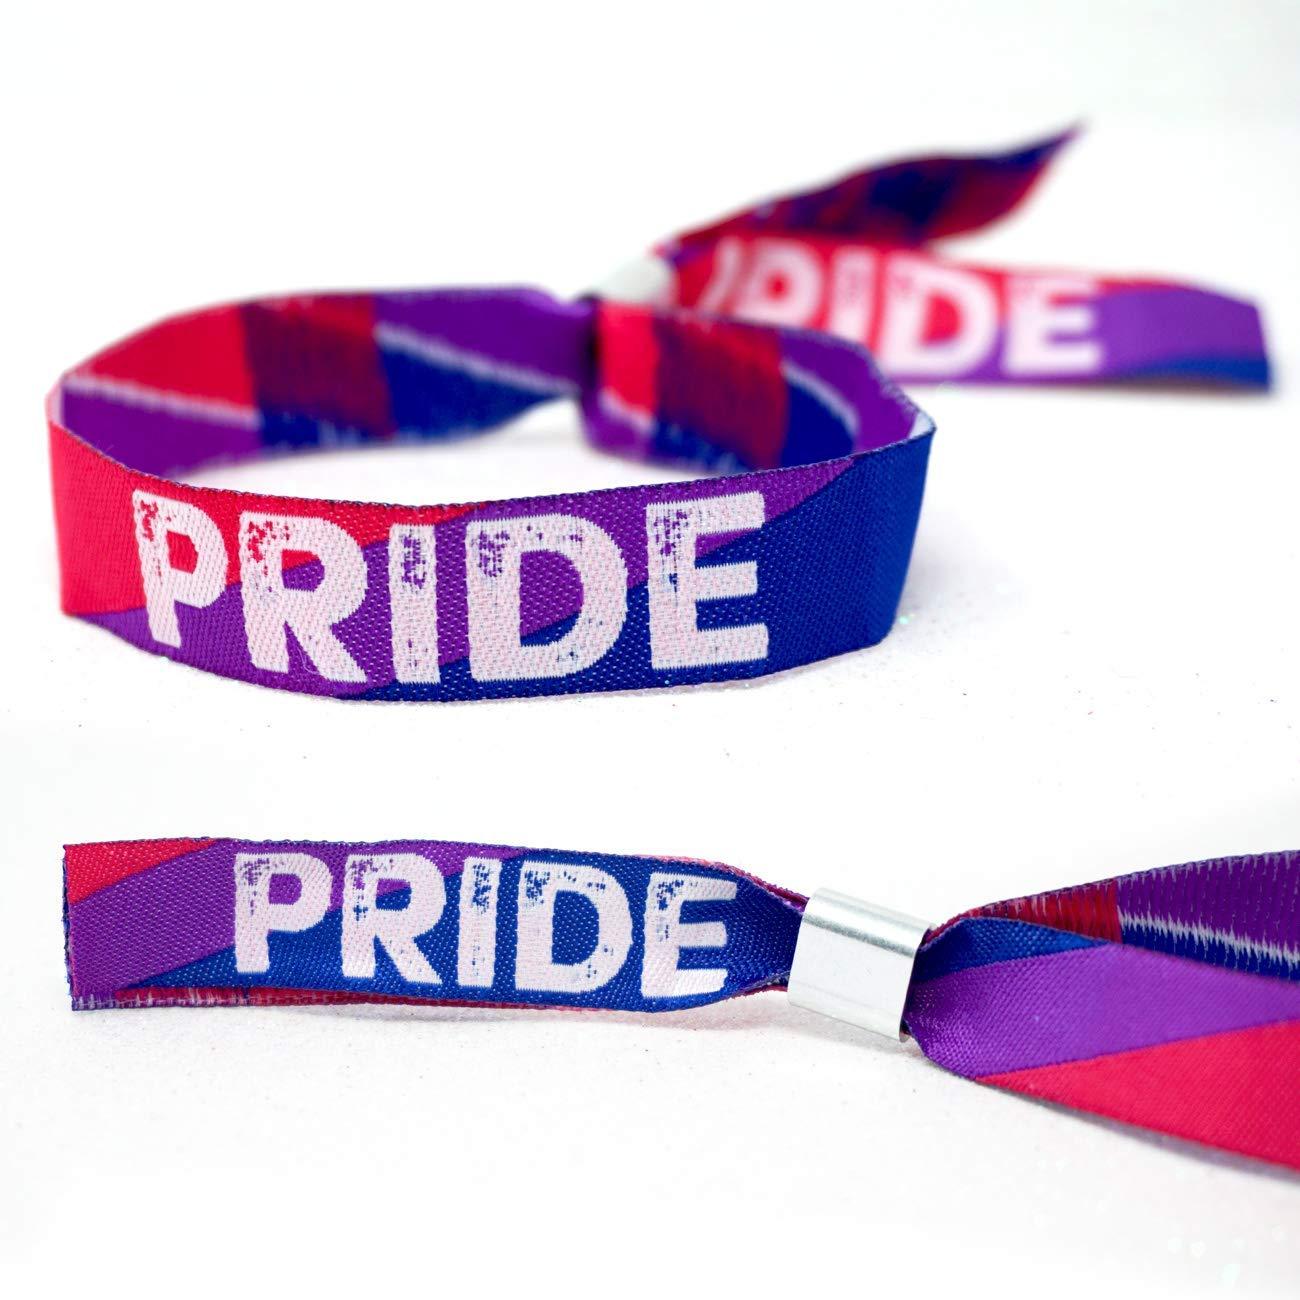 Gay Pride Parade Berlin Accessories Zubeh/ör LGBT LGBTQ Bisexual Pride Wristband Armb/änder ~ Bi Sexual Pride Wristband Armband